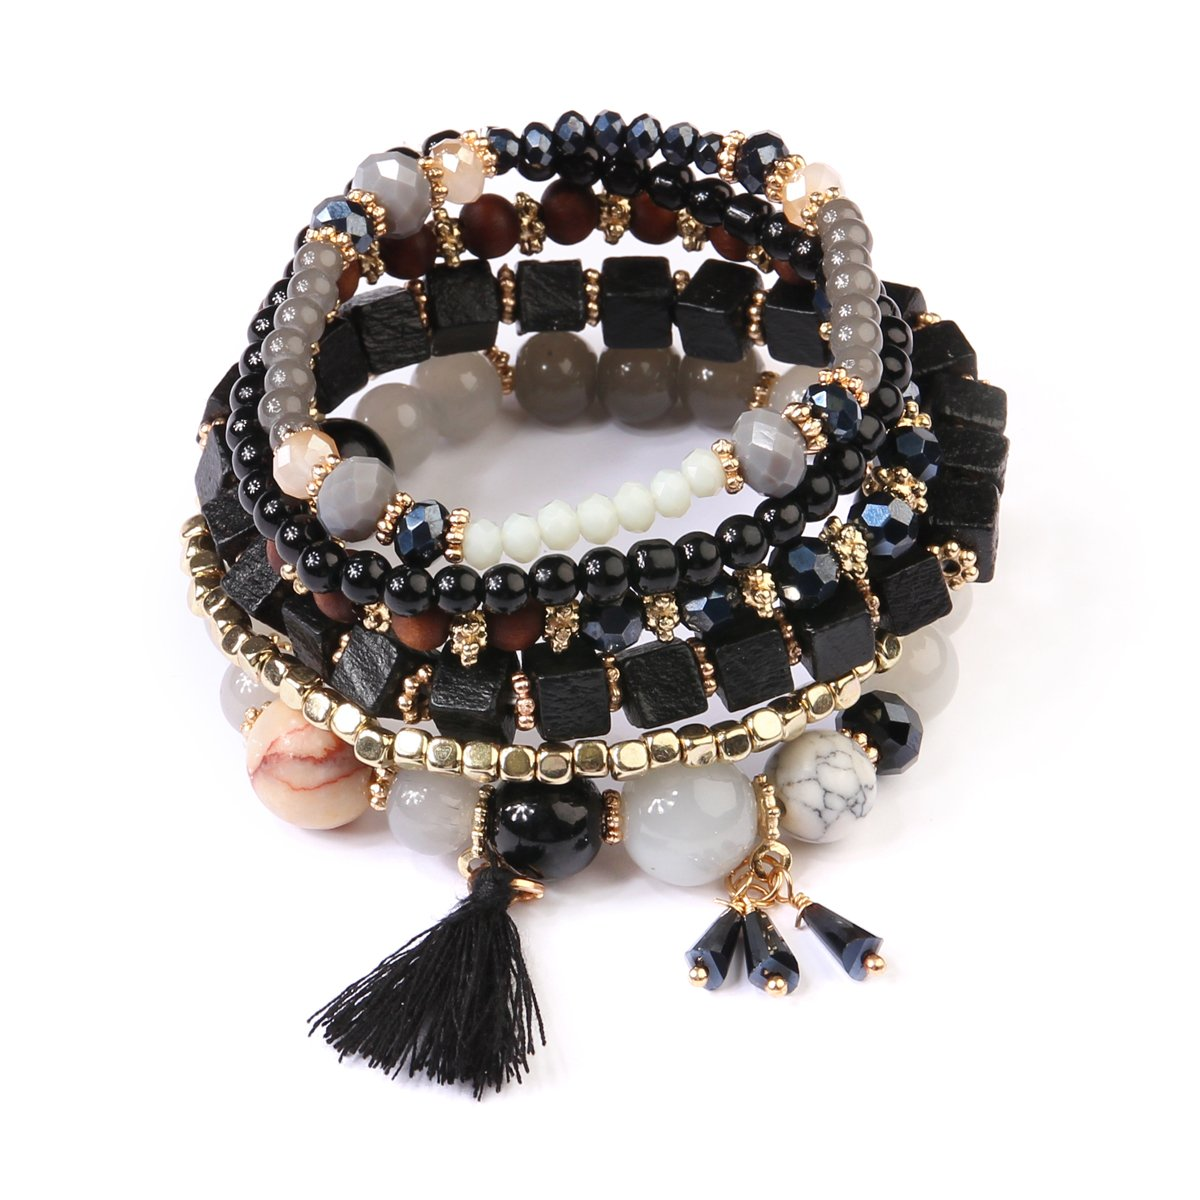 kpajewelry KPA Fashion Women's Wood Multi Bead Tassel Stretch Bracelets - Stackable Beaded Strand Bangles (Black)